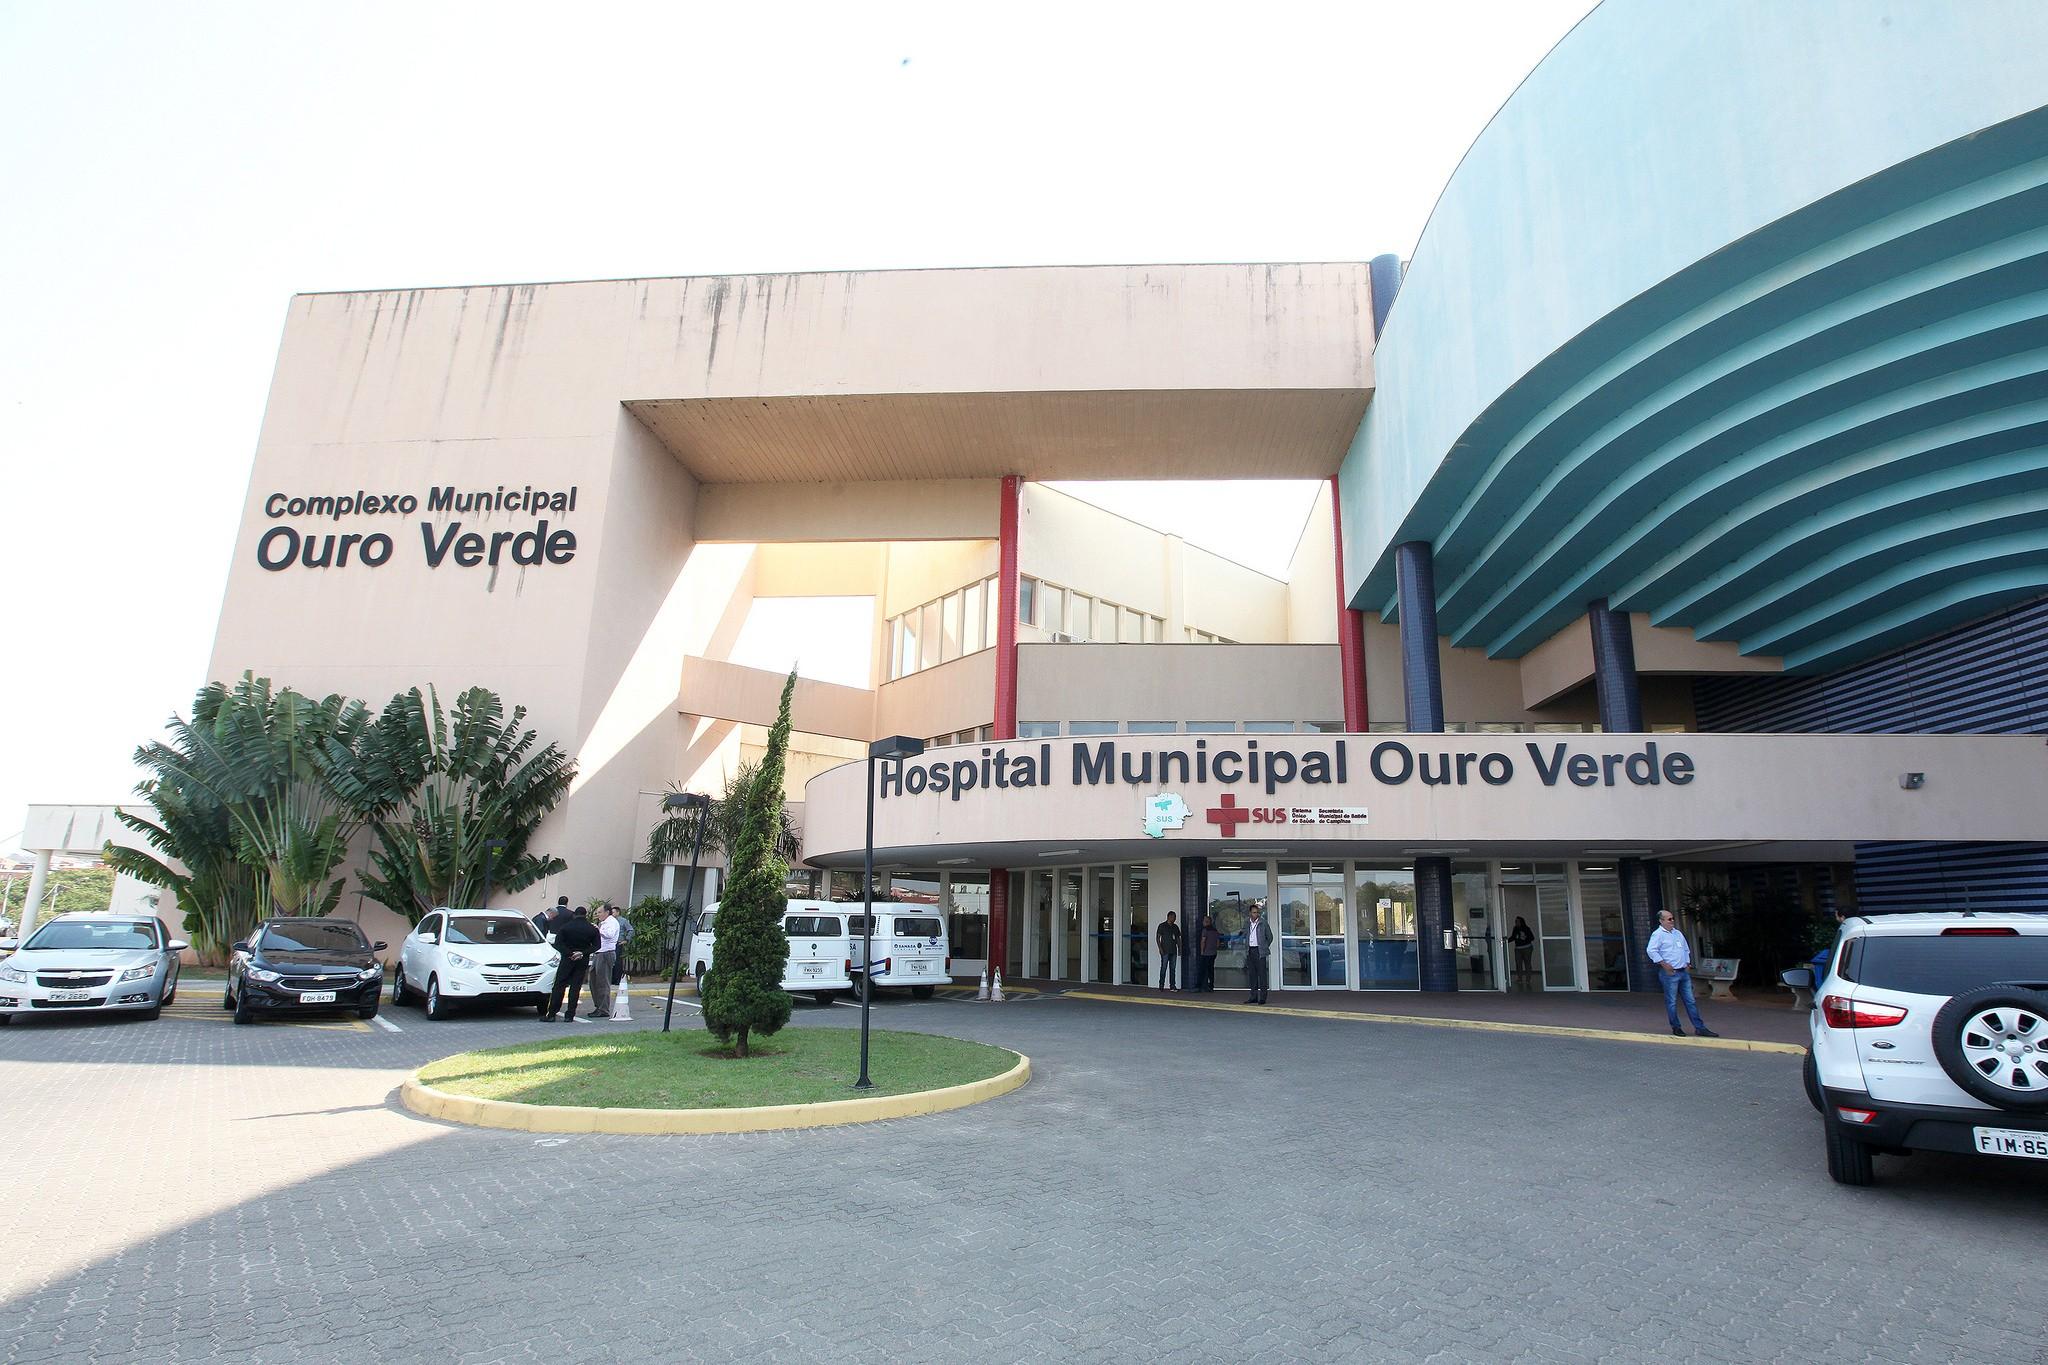 Com 78,5% dos leitos UTI Covid ocupados, Campinas anuncia mais vagas no SUS municipal